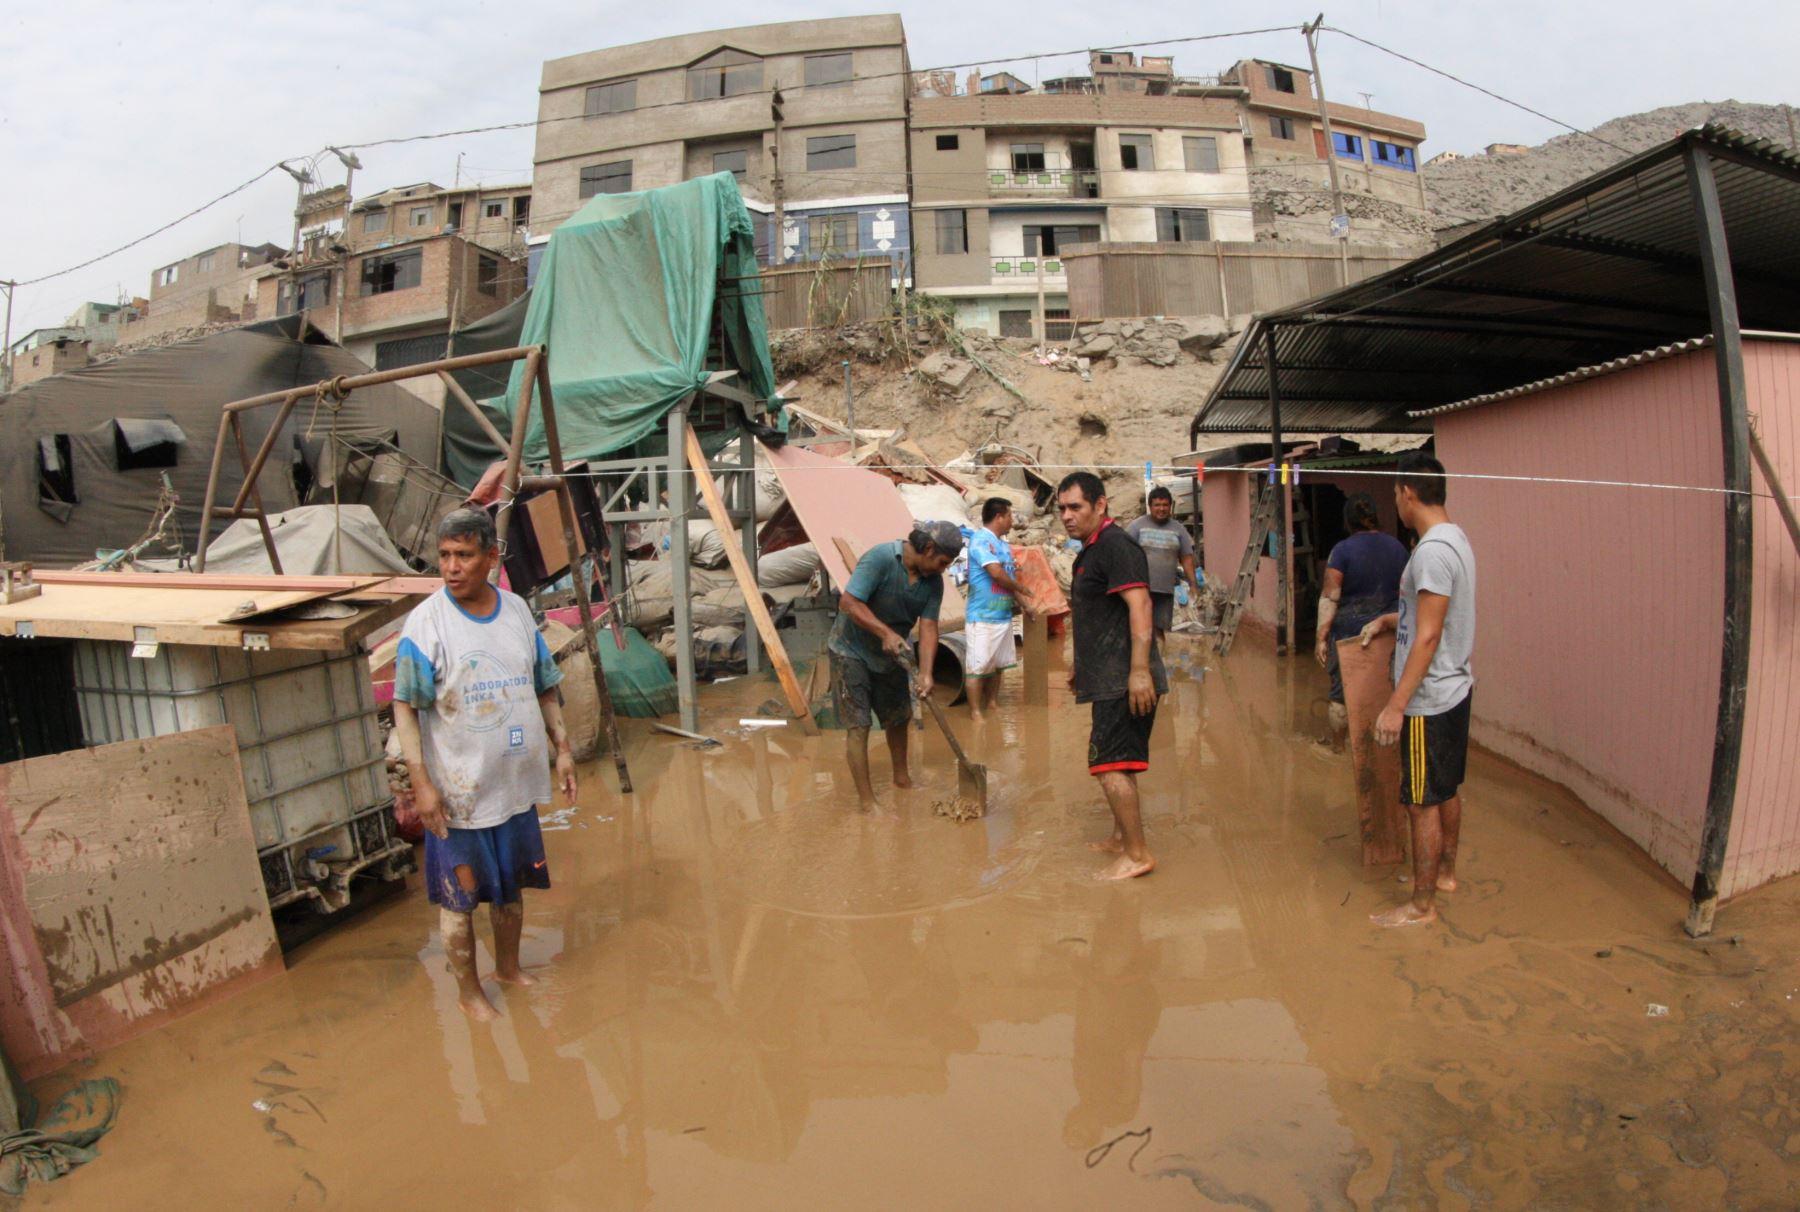 Damnificados por el desborde del río Huaycoloro. Foto: ANDINA/Jhony Laurente